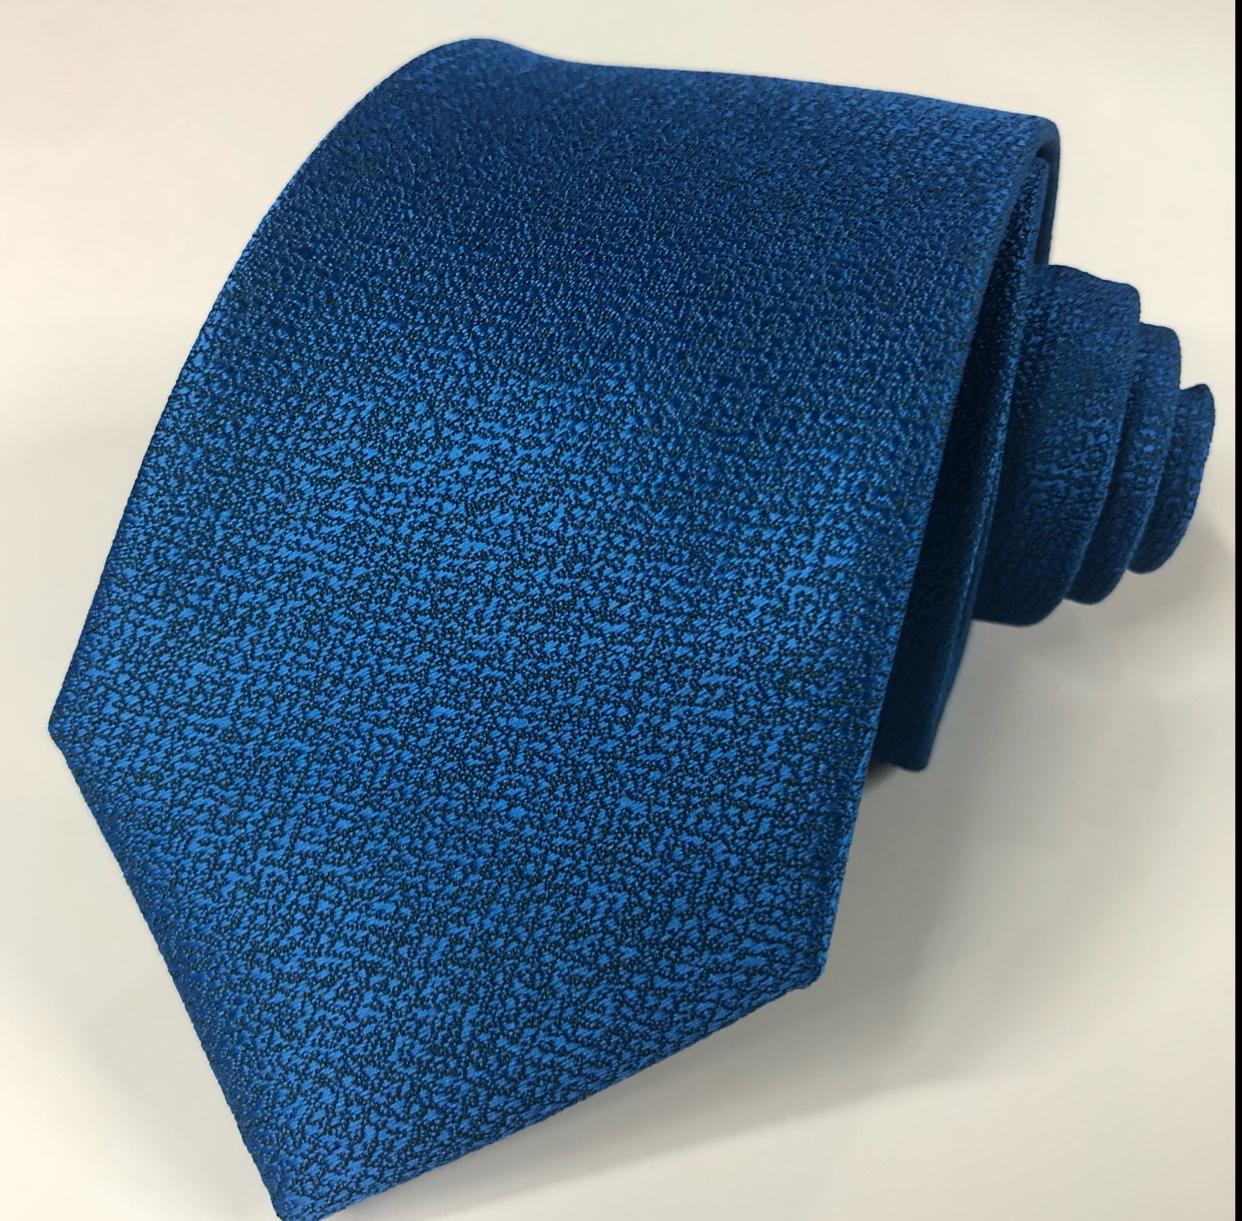 男士领带浅蓝色涤纶领带编织提花纯色领带工厂